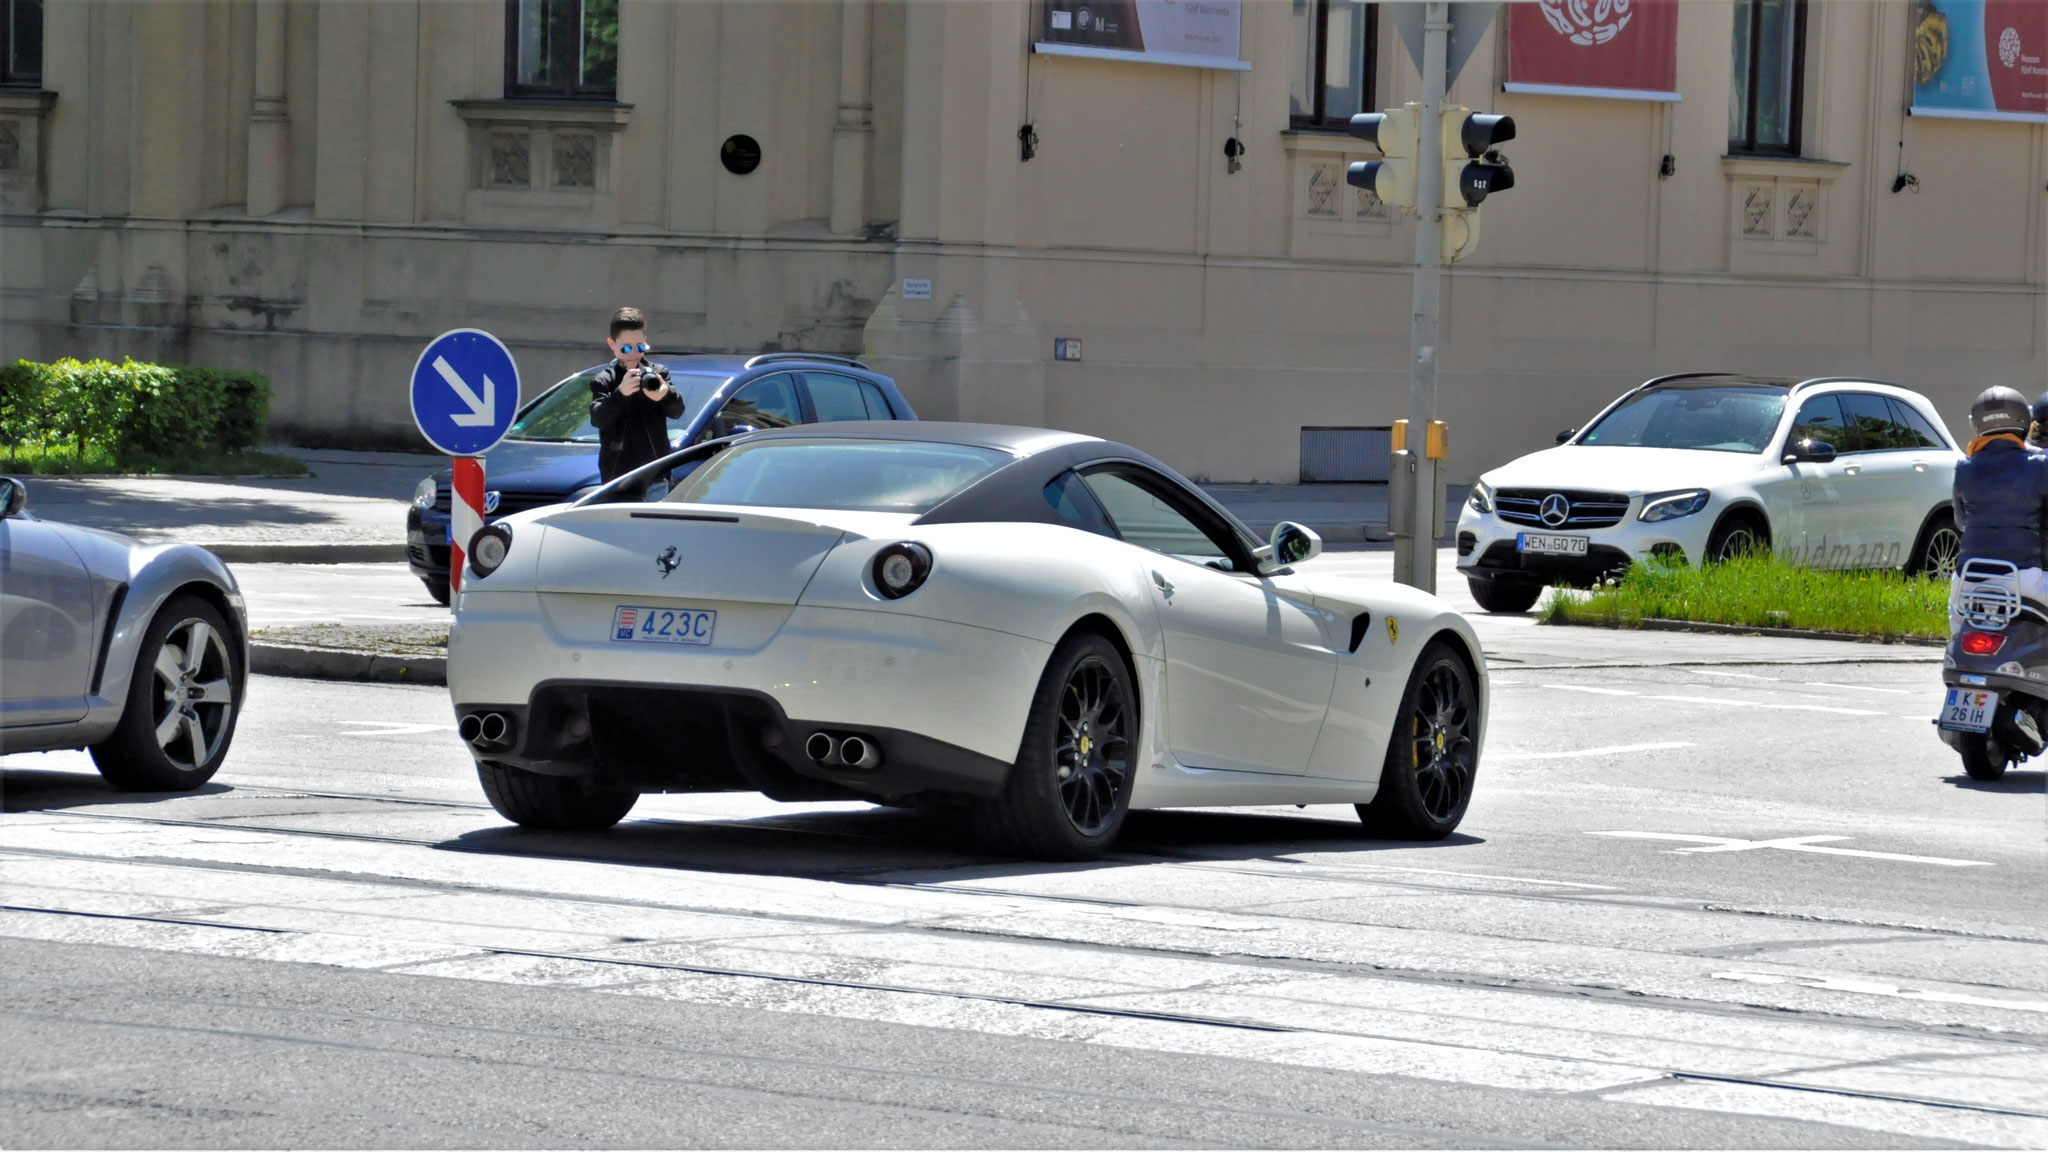 Ferrari 599 GTB - 423C (MC)